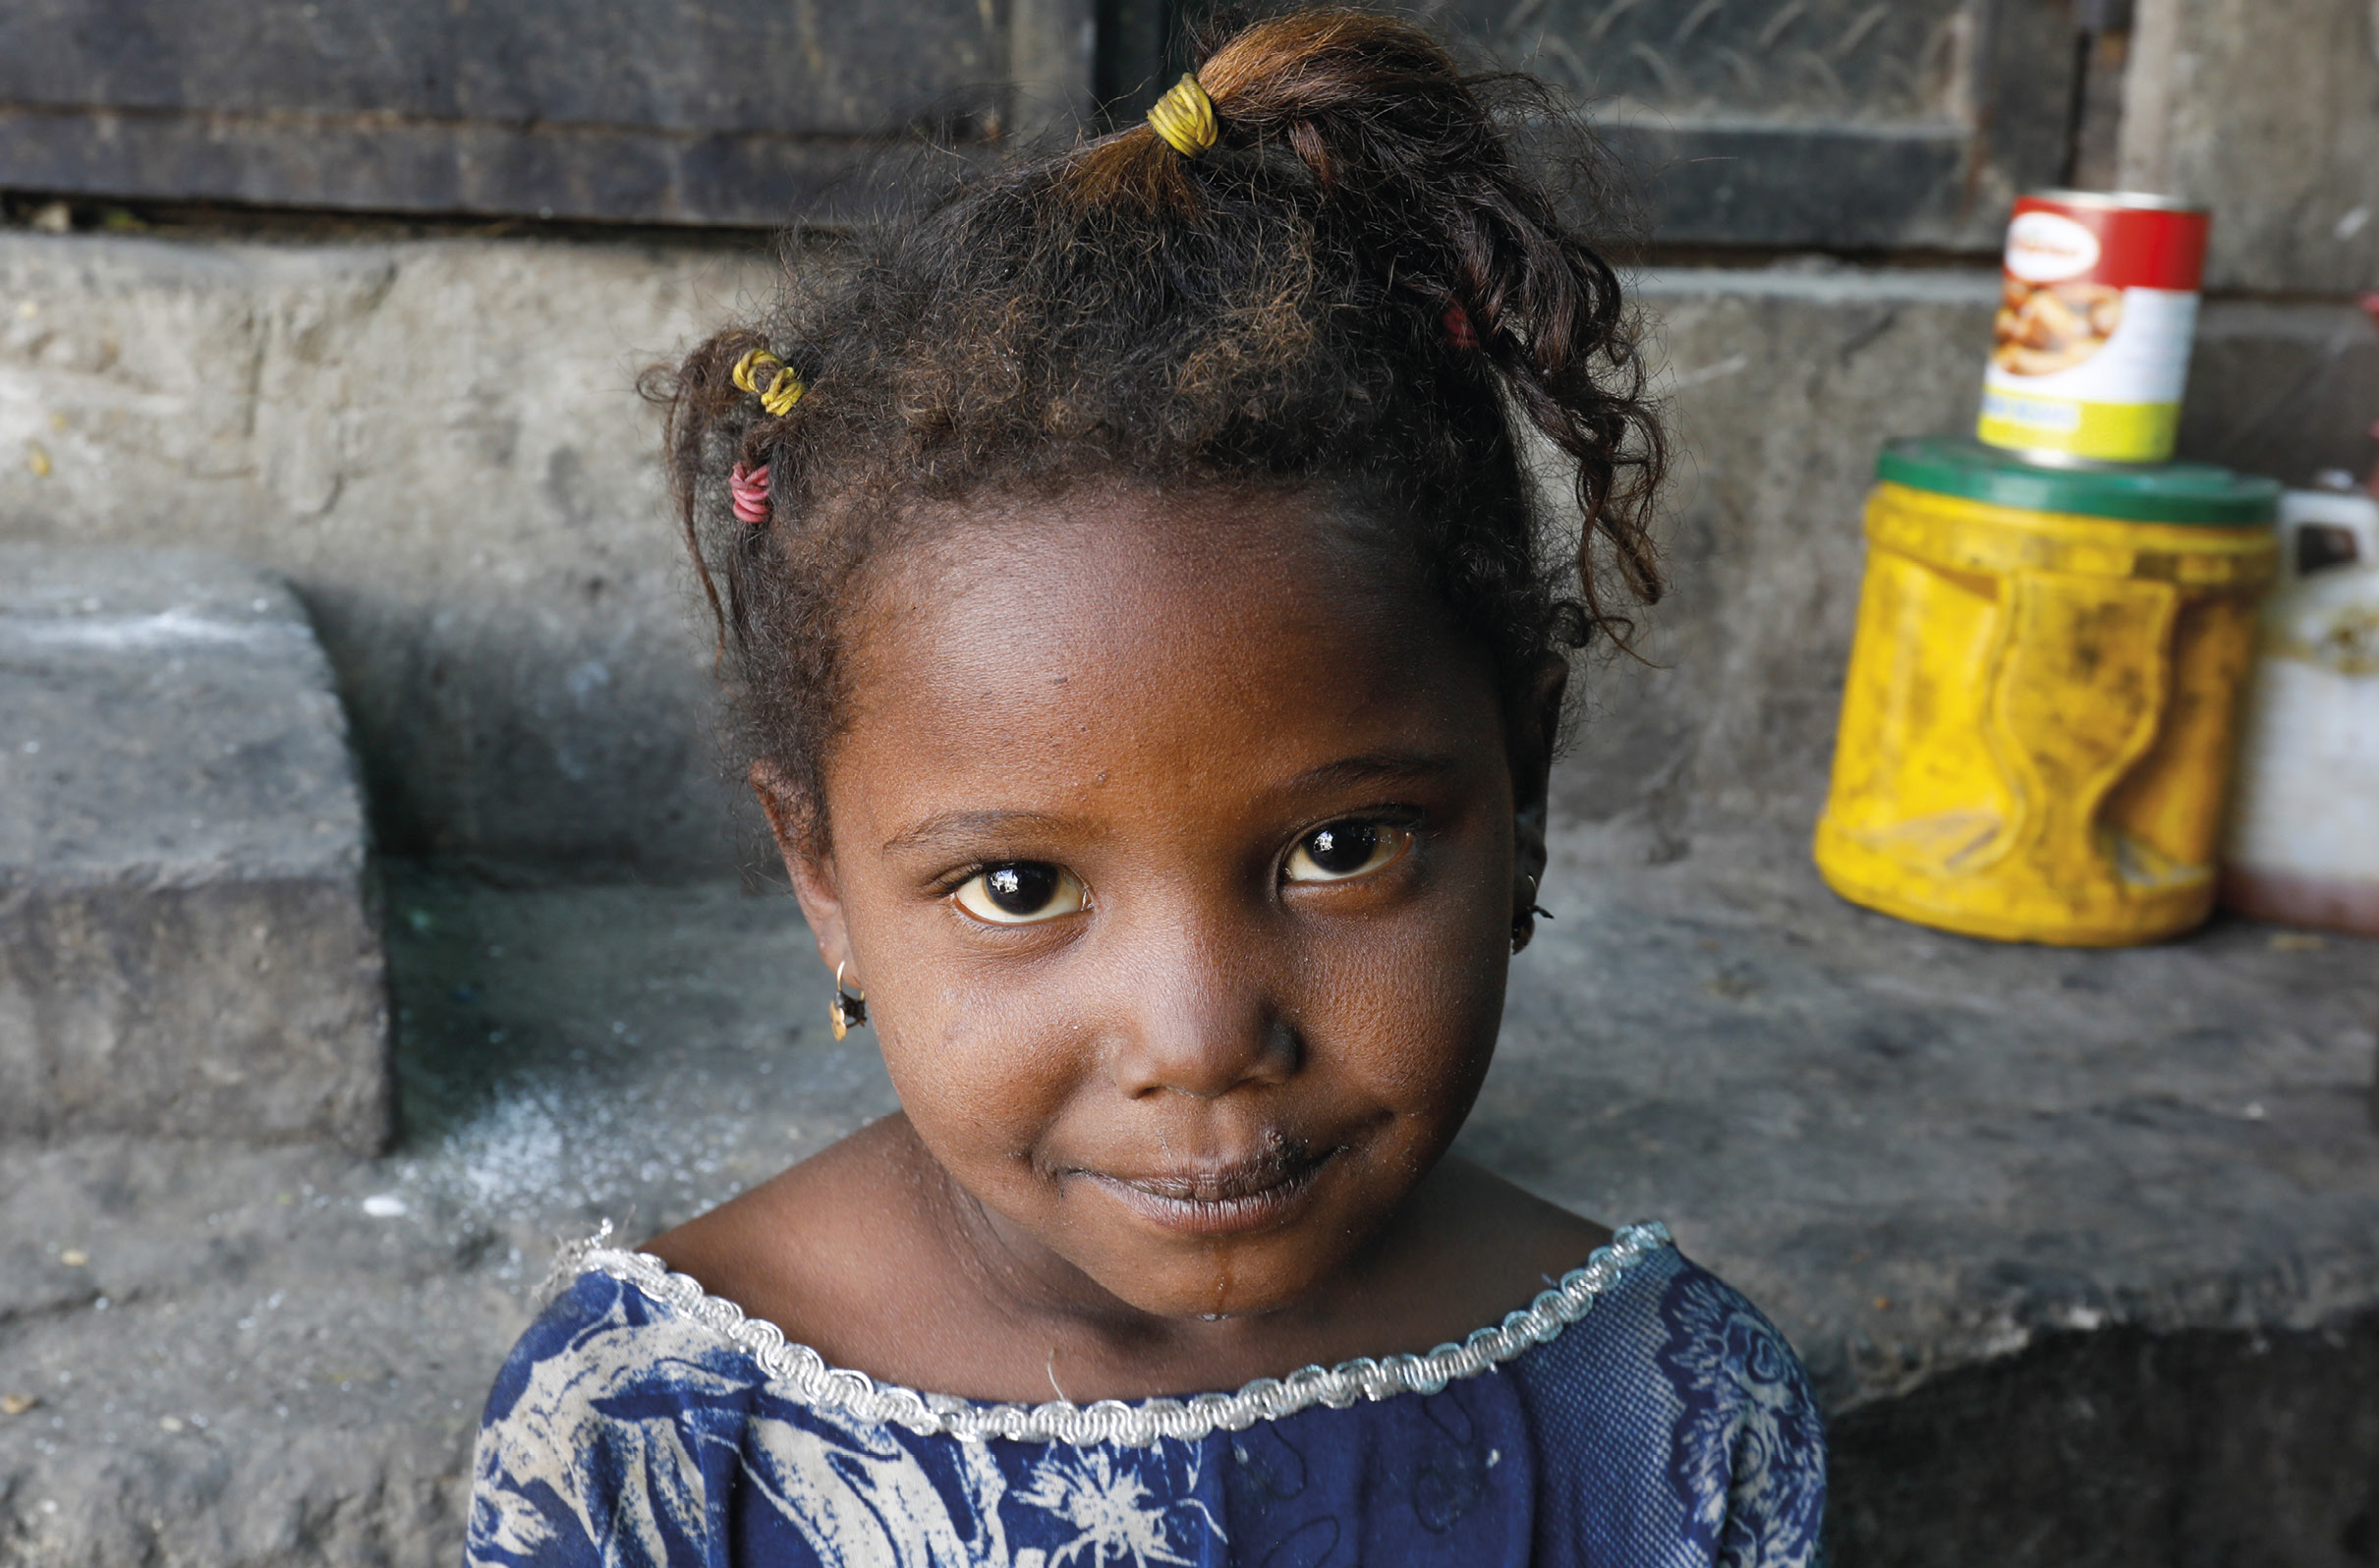 Criança deslocada devido ao conflito no Iémen, que já provocou mais de 3,6 milhões de deslocados. Foto 2019, EPA / Yahya Arhab.